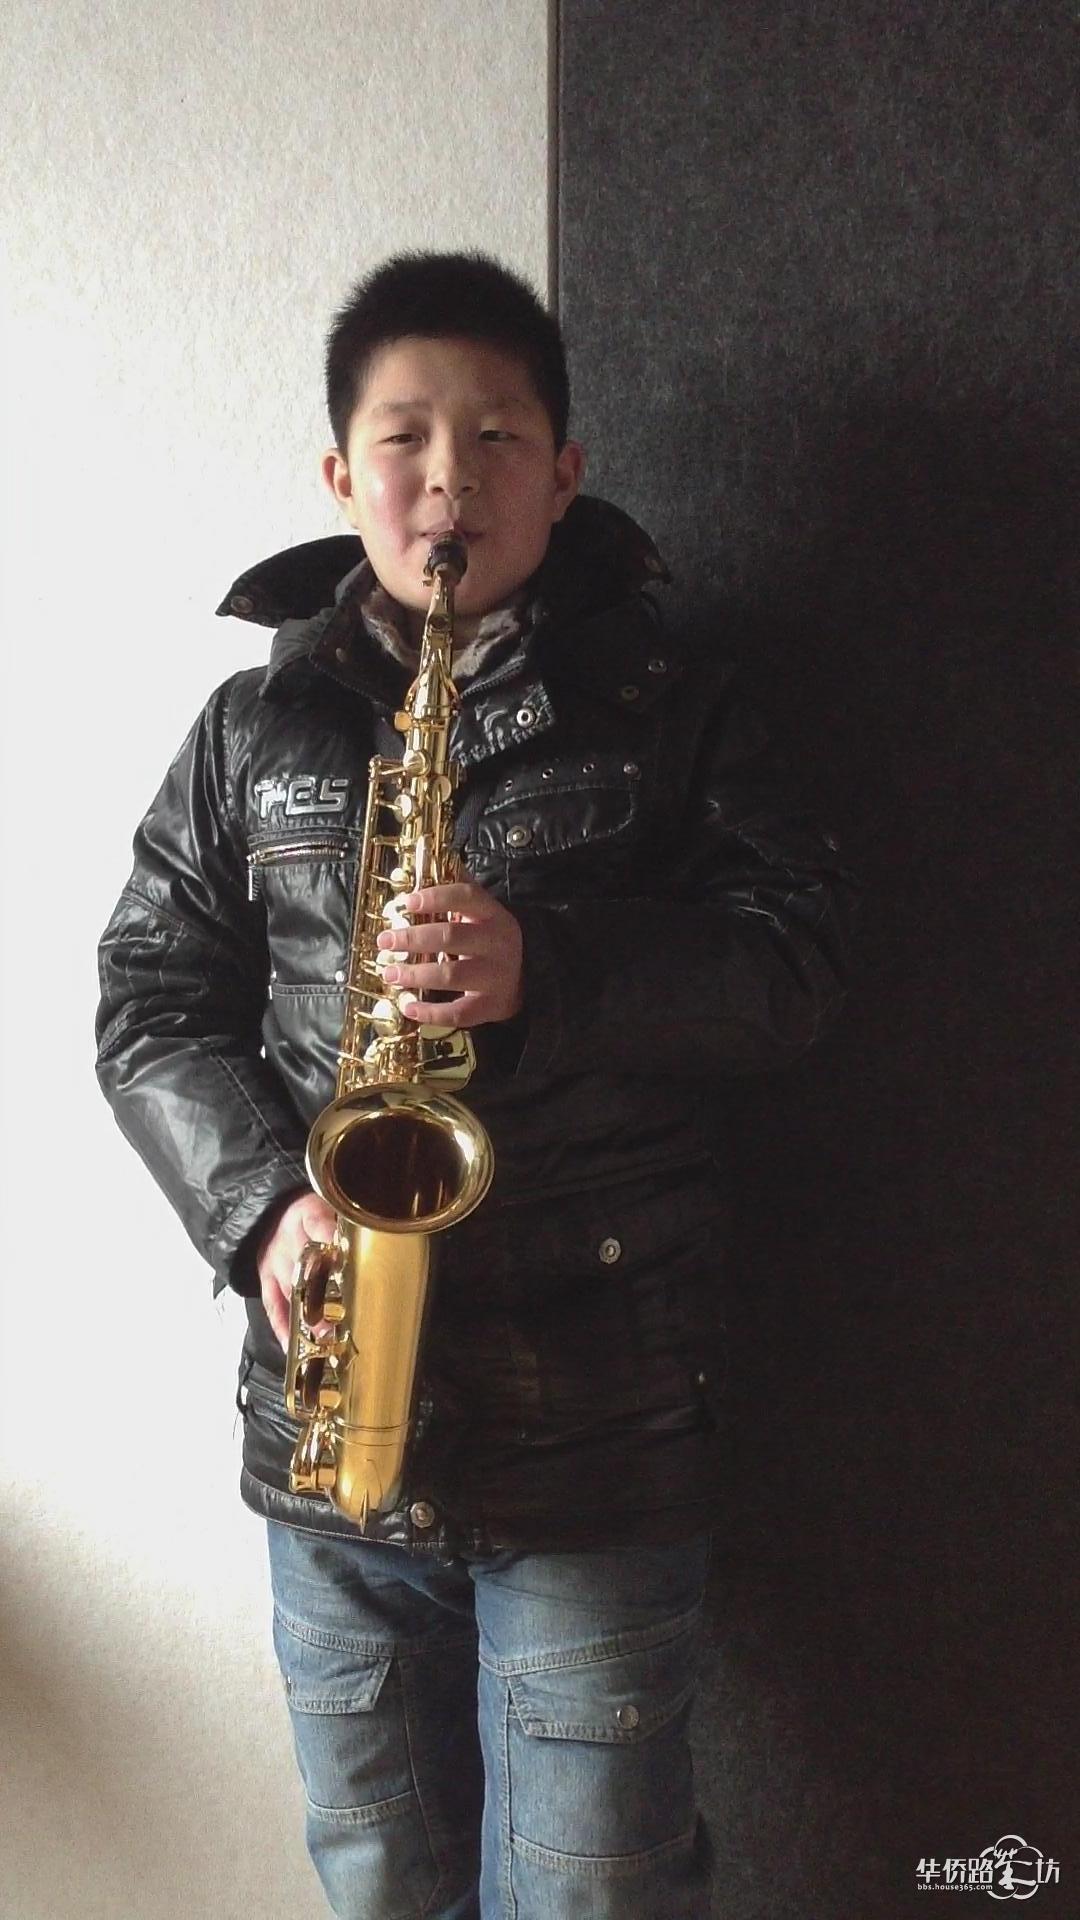 saxphone boy-男孩,萨克斯(一个明发妈妈的孩子学乐器的随笔)